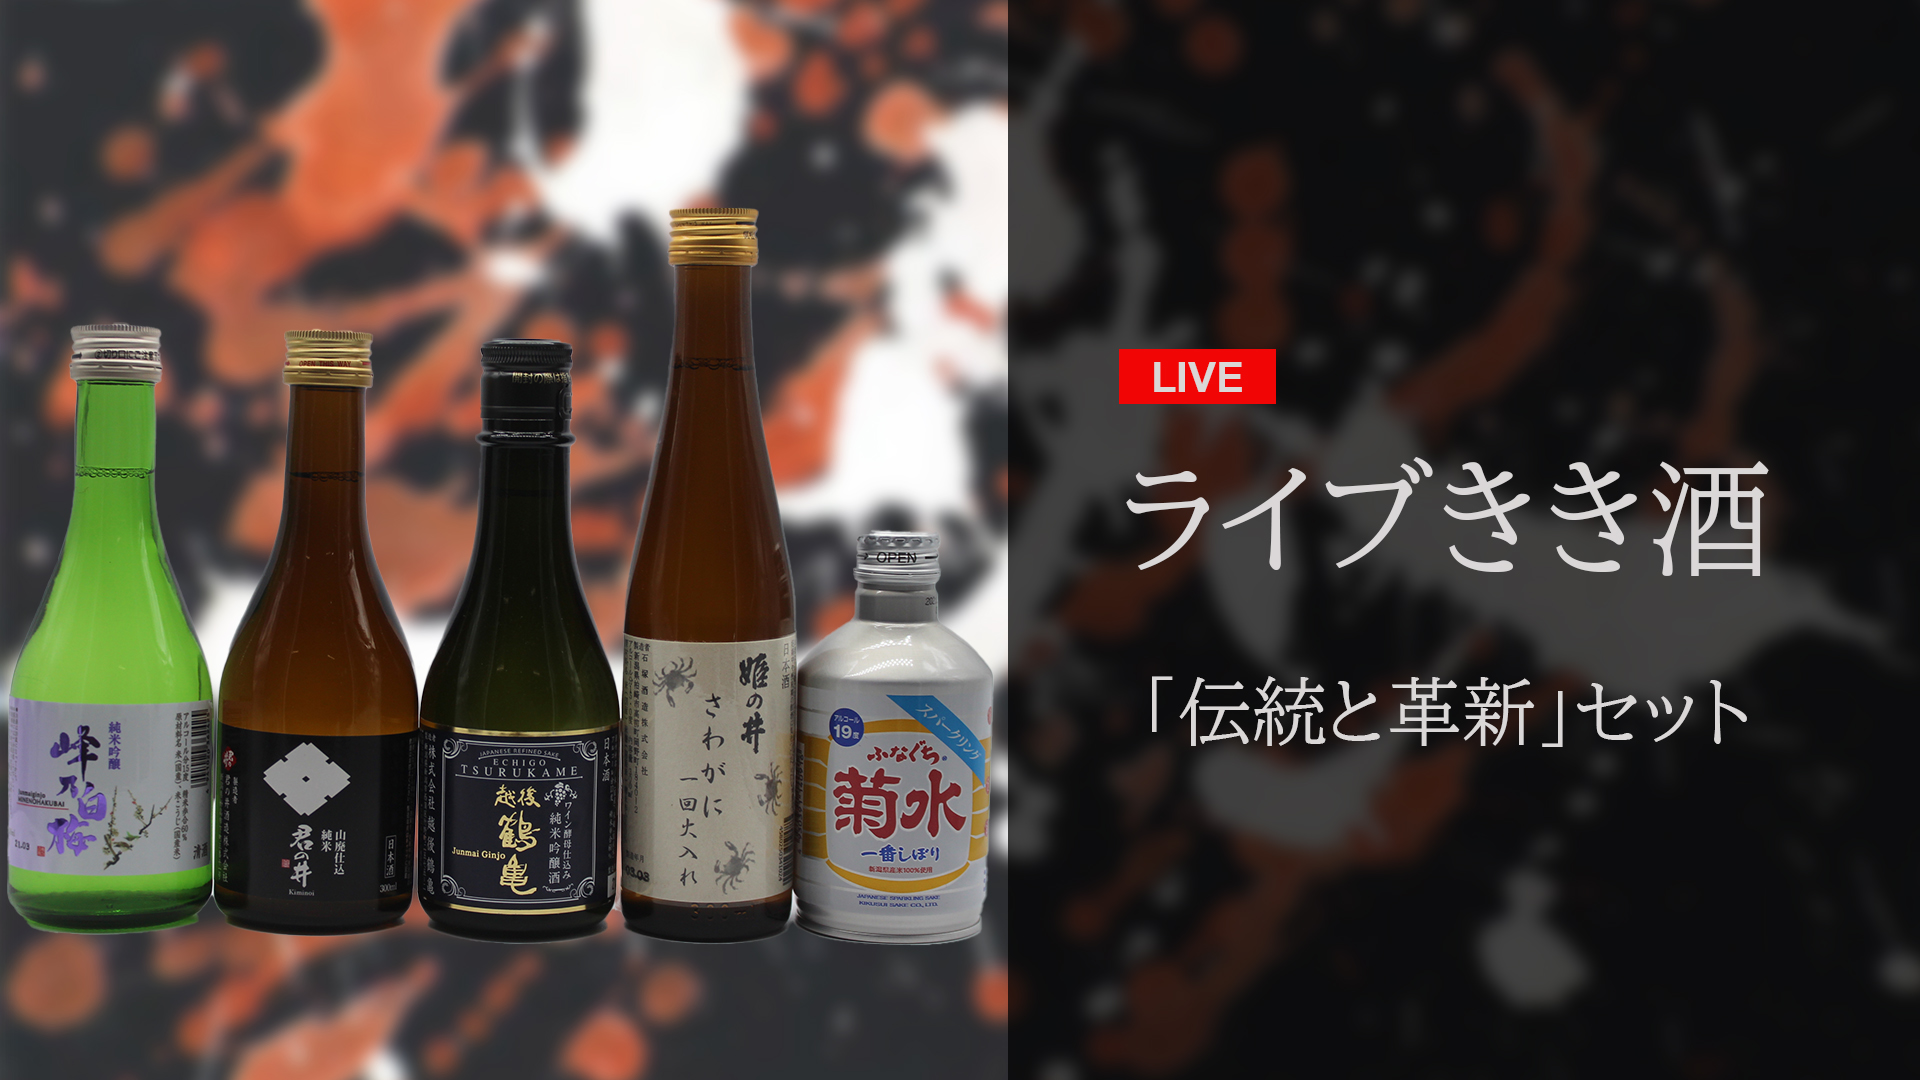 ライブきき酒「伝統と革新」セット サムネイル